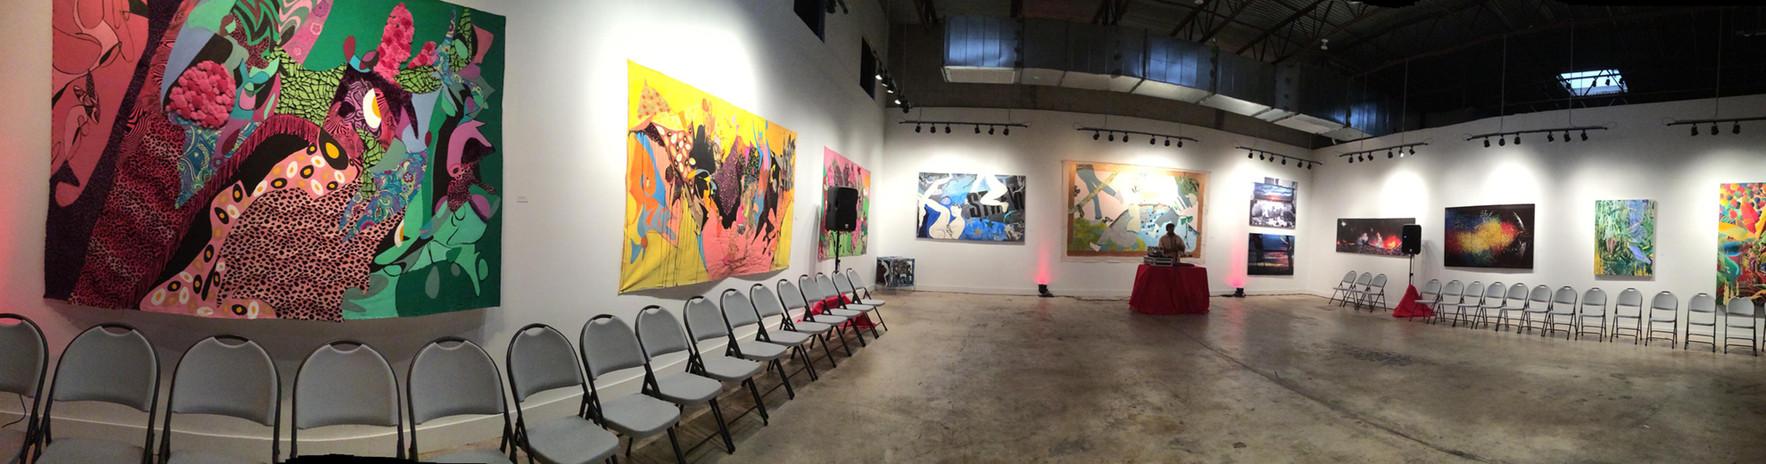 OpoLocka Art Center